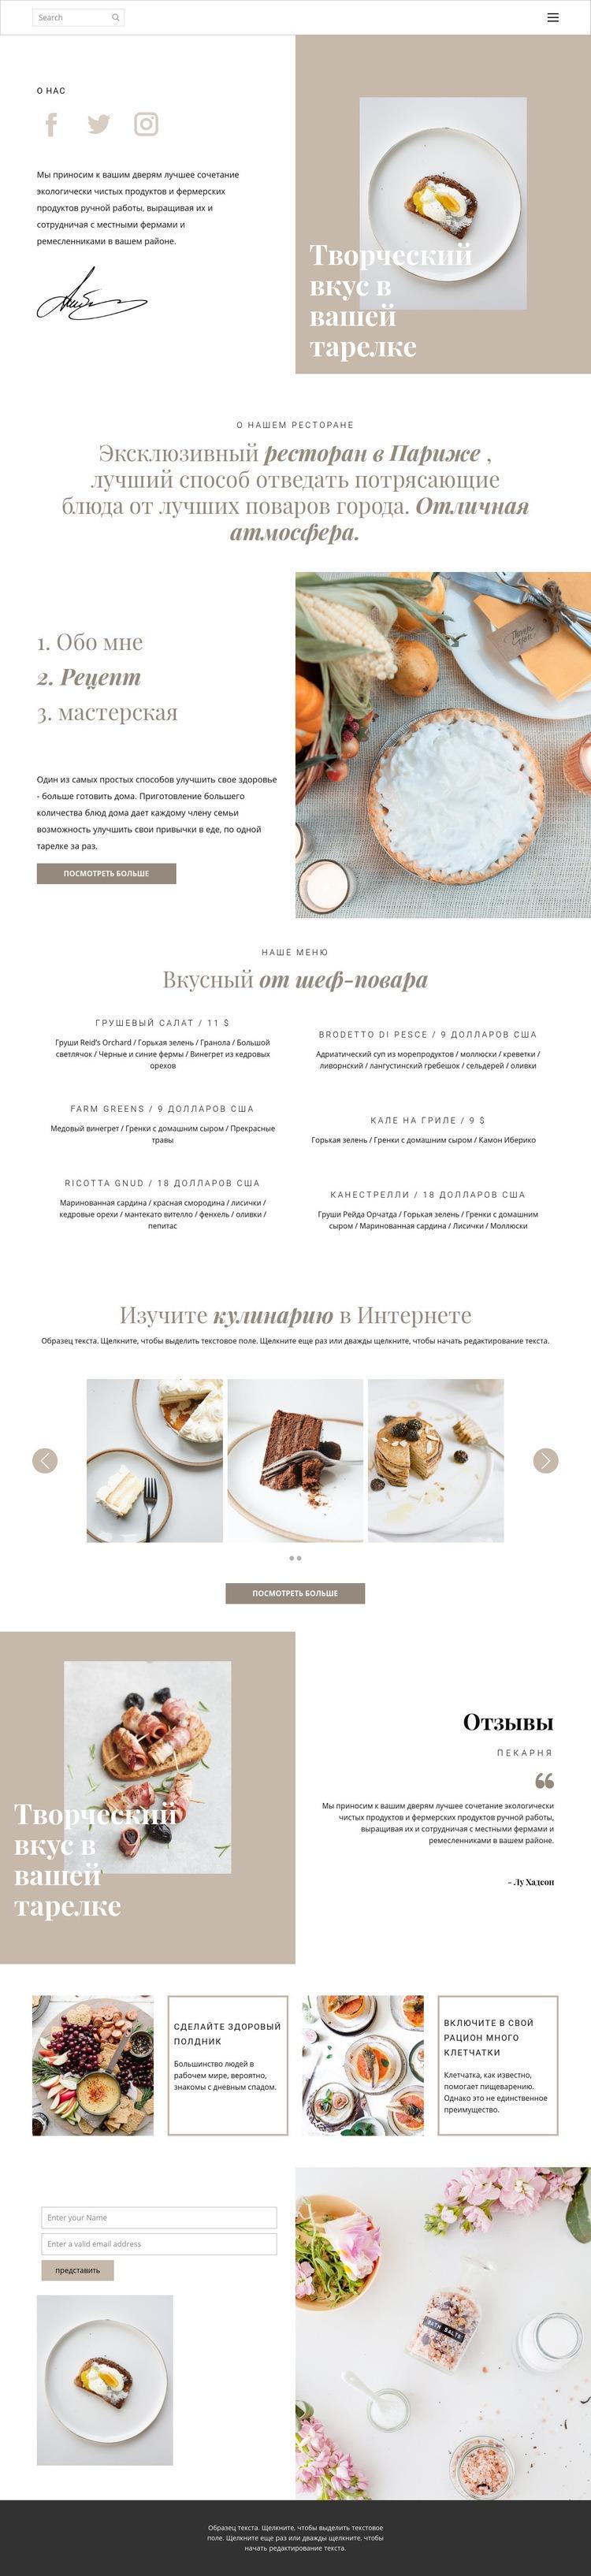 Творческий вкус в тарелке HTML шаблон